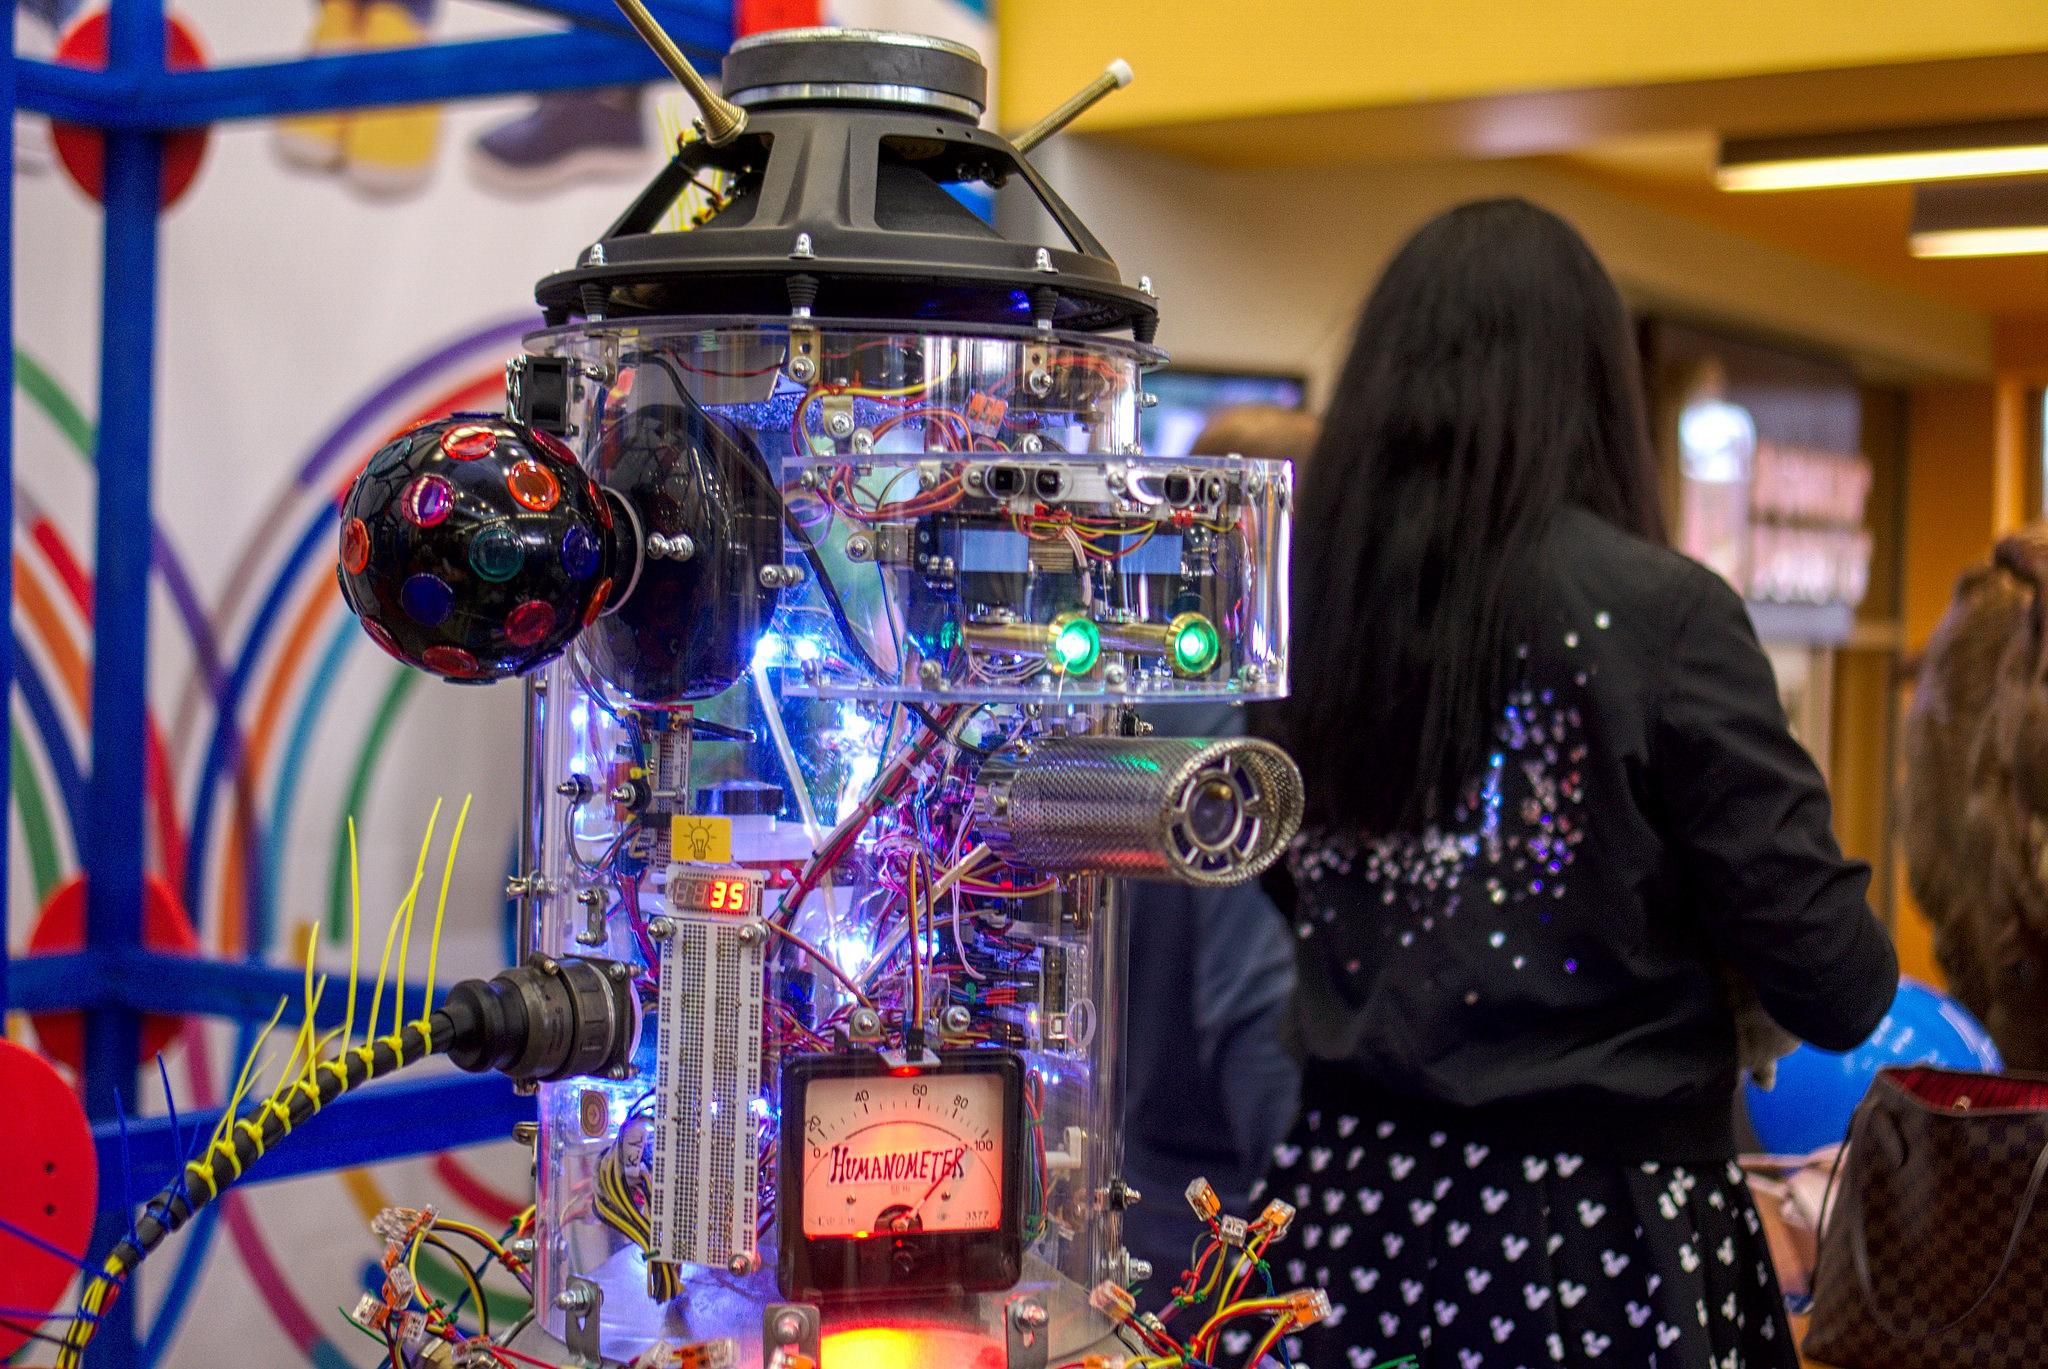 Третий фестиваль цифрового искусства итворчества <strong>Maker Faire Moscow</strong>.